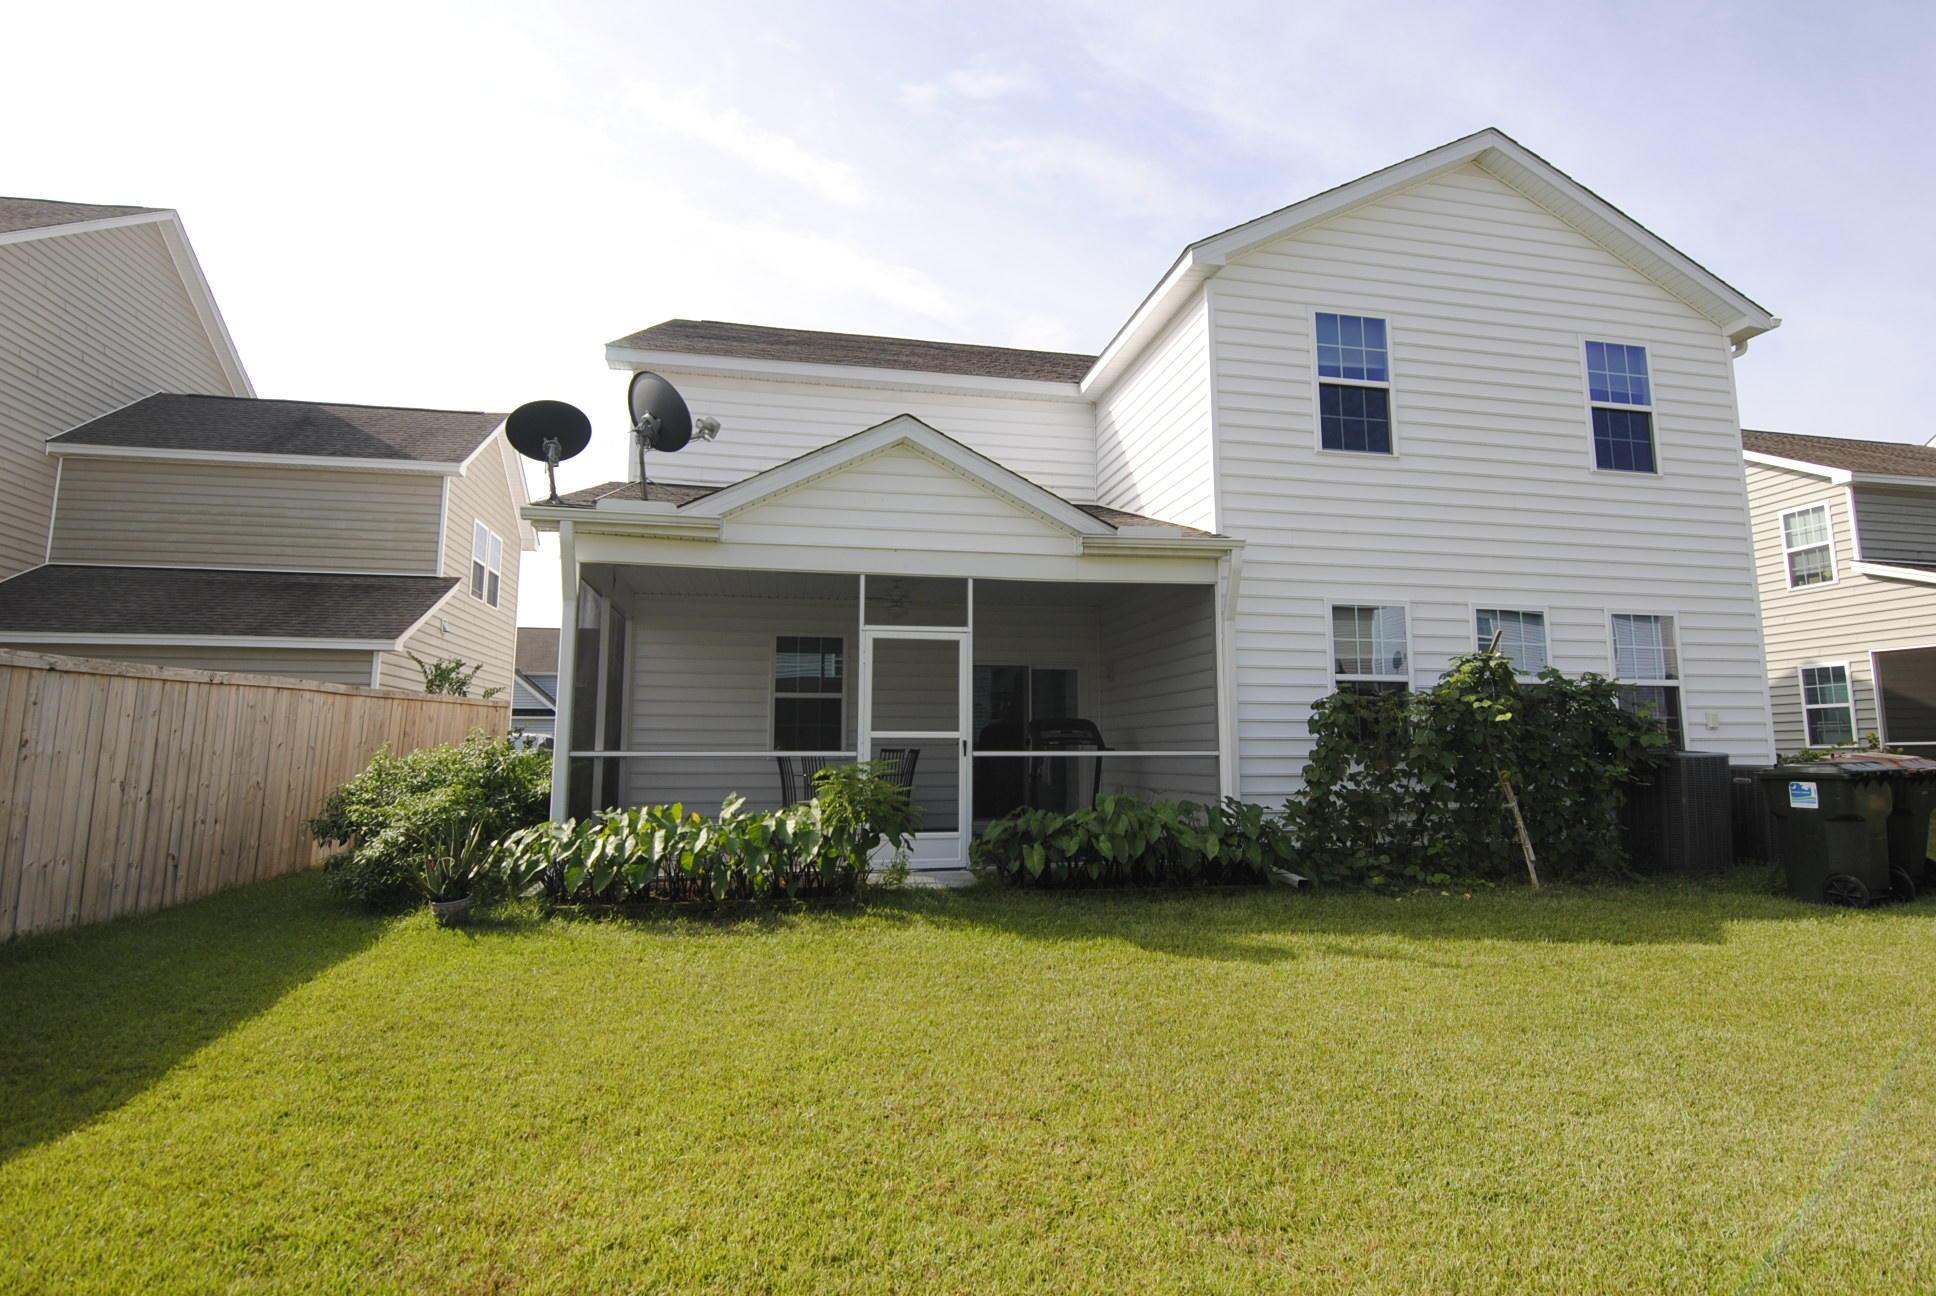 Moss Grove Plantation Homes For Sale - 1152 Moss Grove, Moncks Corner, SC - 11